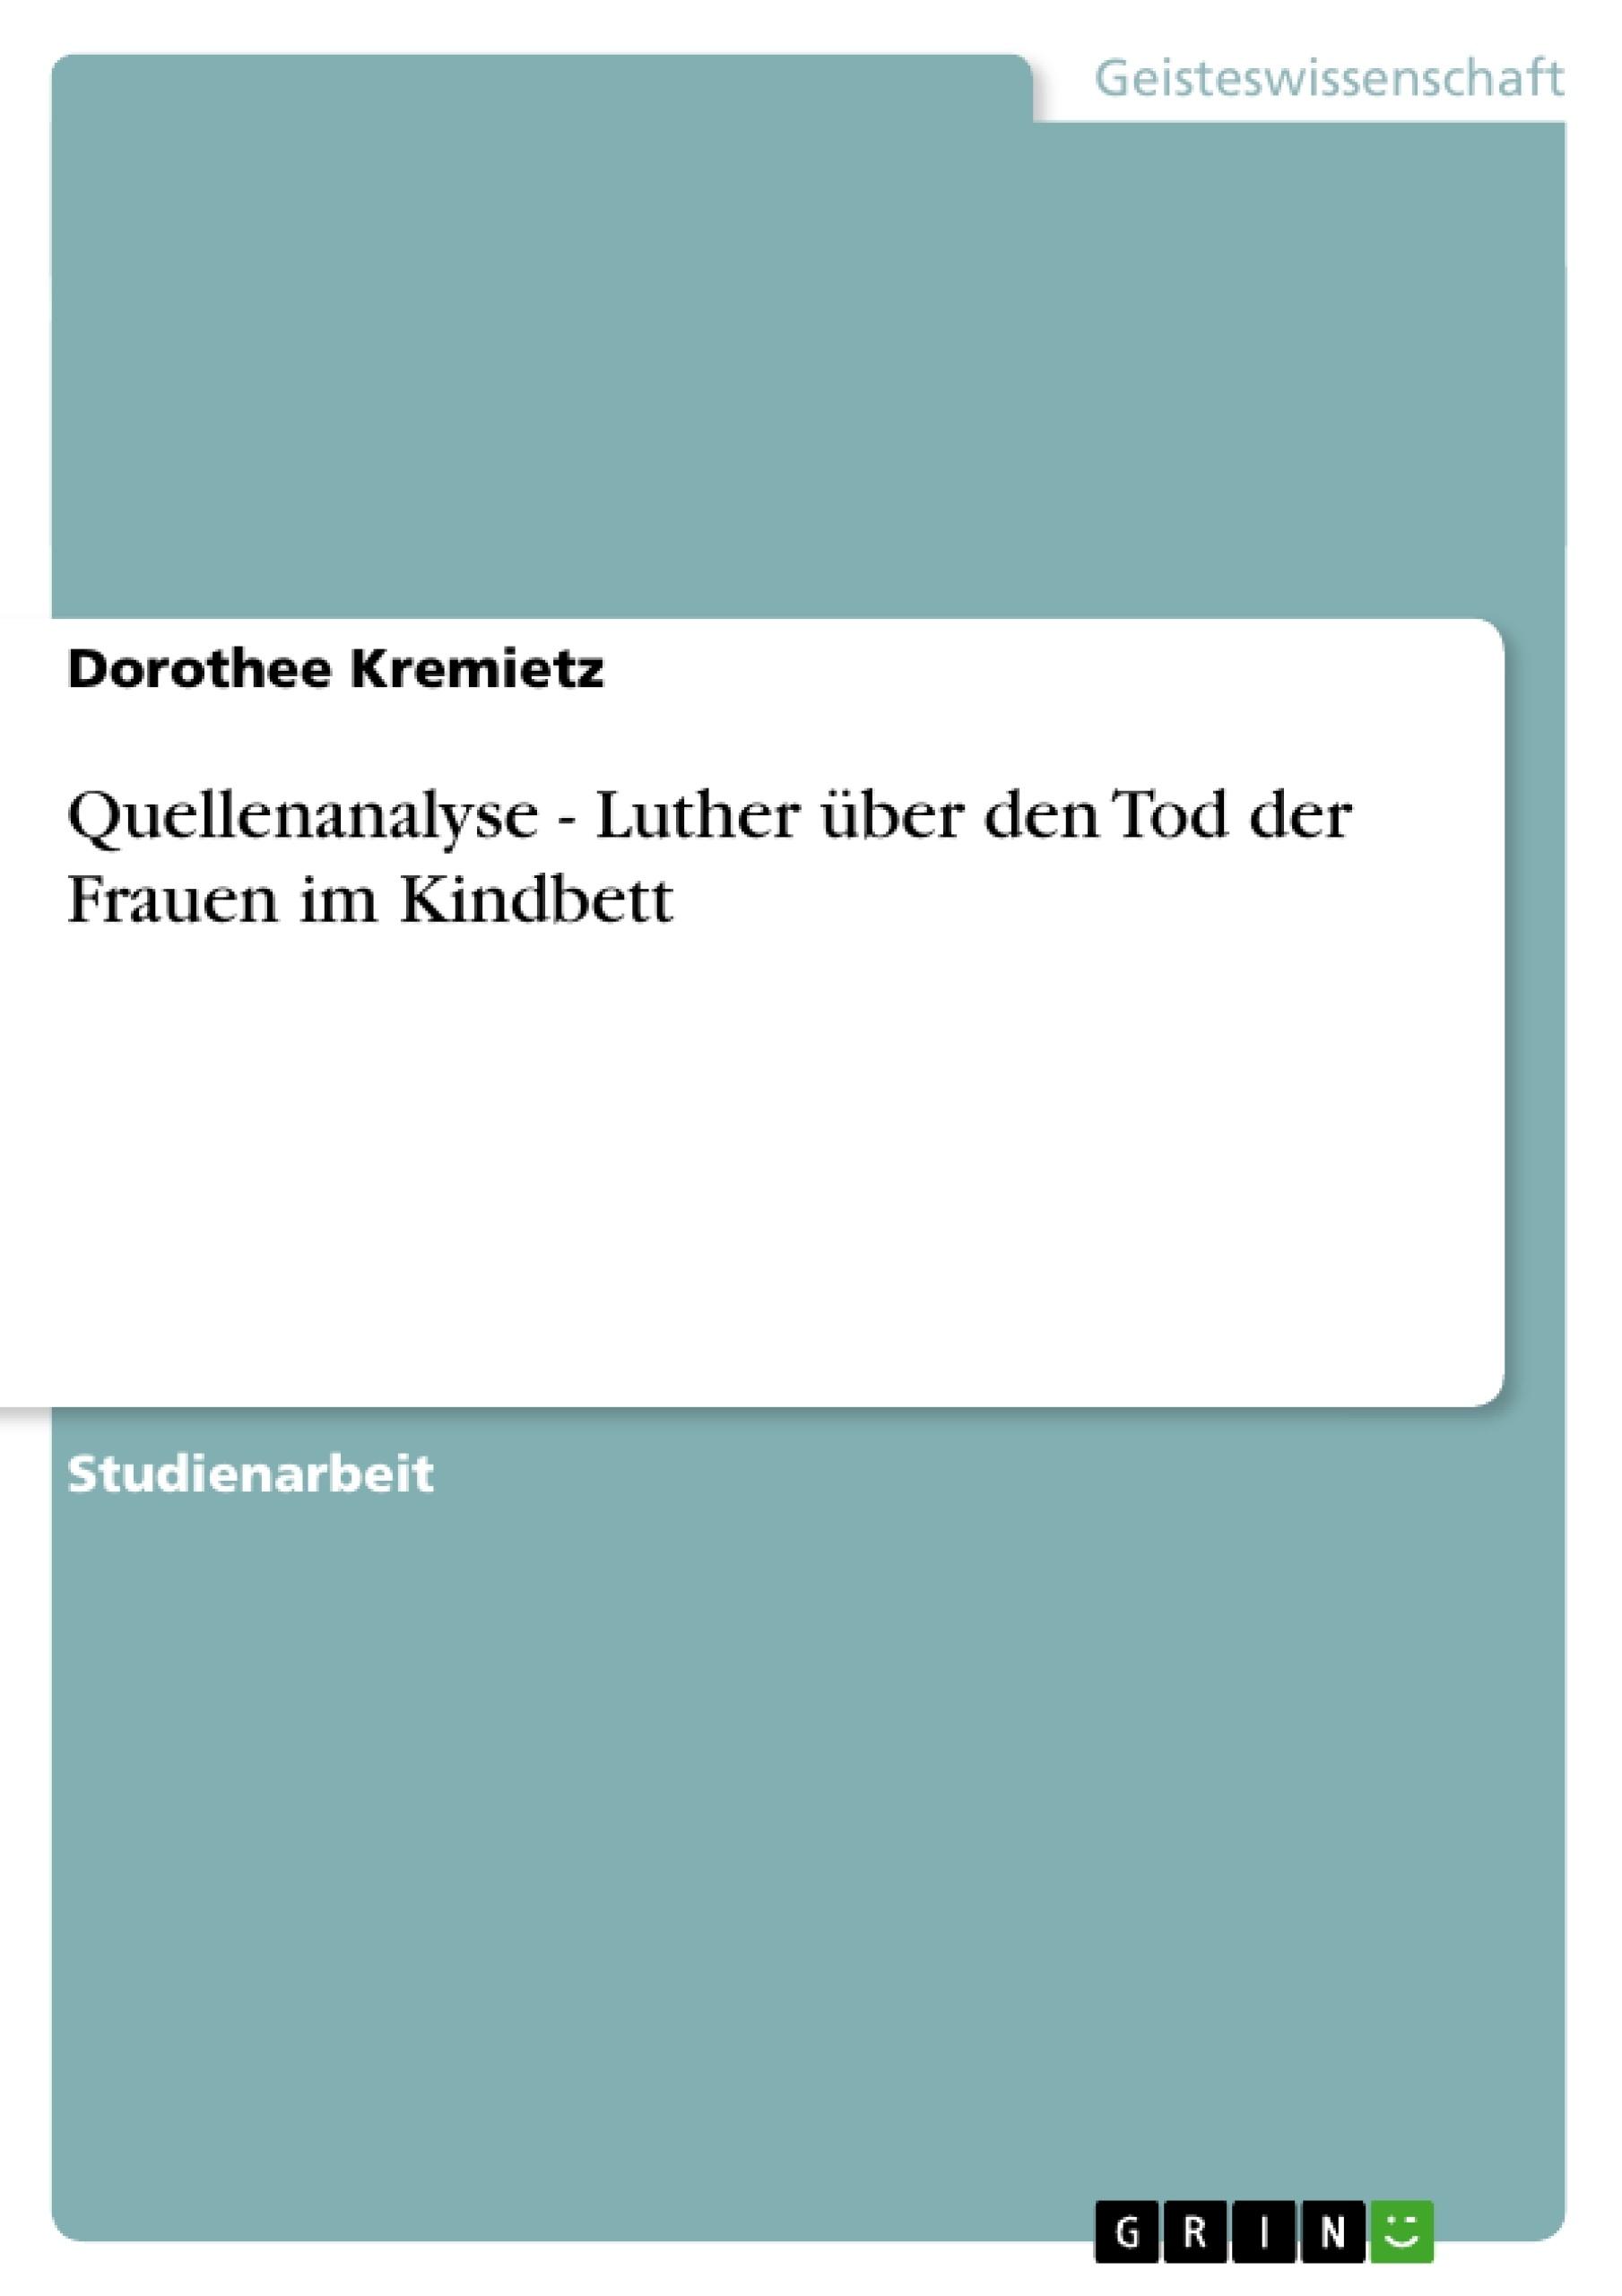 Titel: Quellenanalyse - Luther über den Tod der Frauen im Kindbett